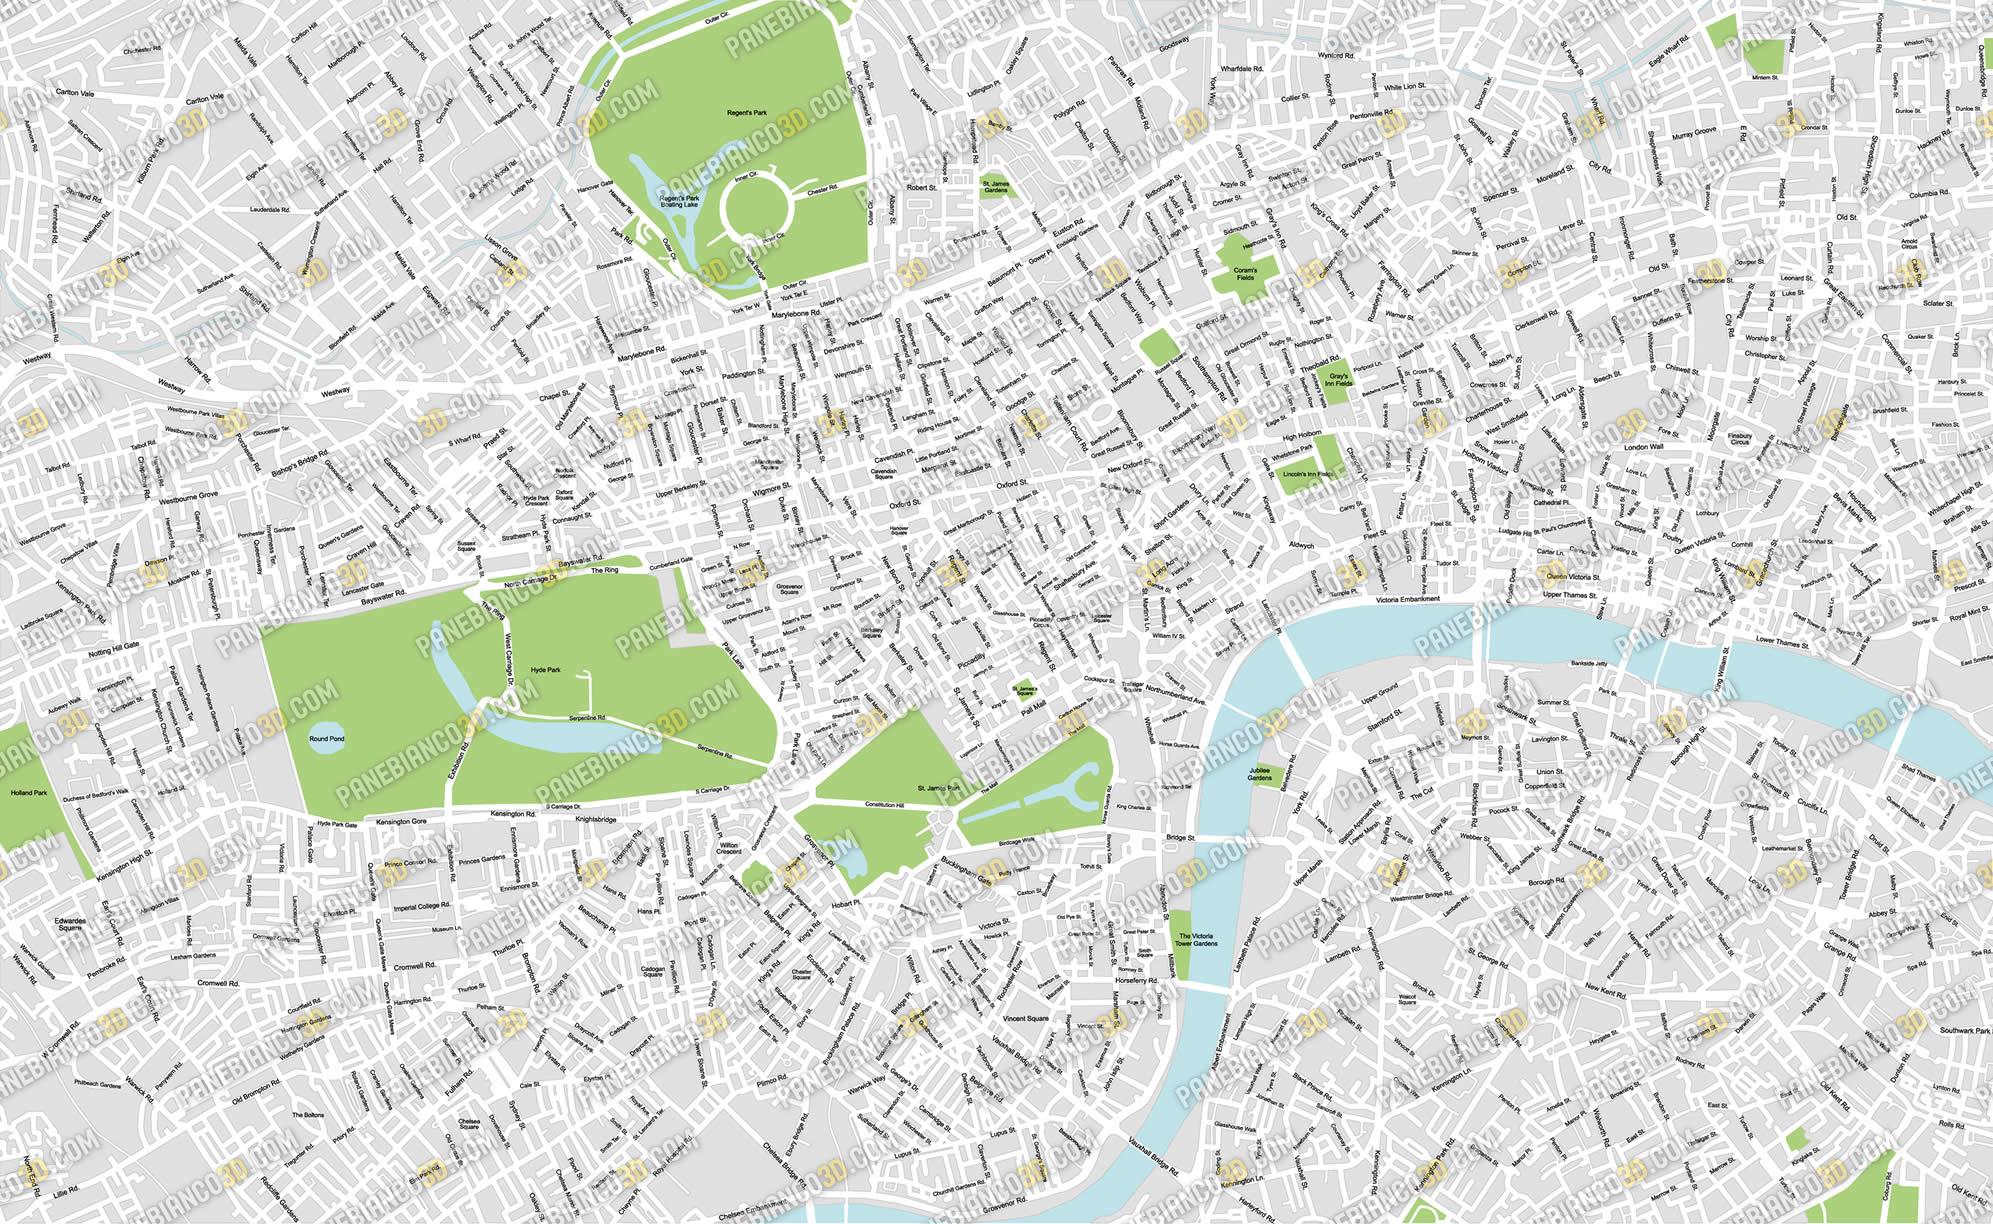 Londra Cartina.Mappa Di Londra In Formato Vettoriale Ad Alta Risoluzione